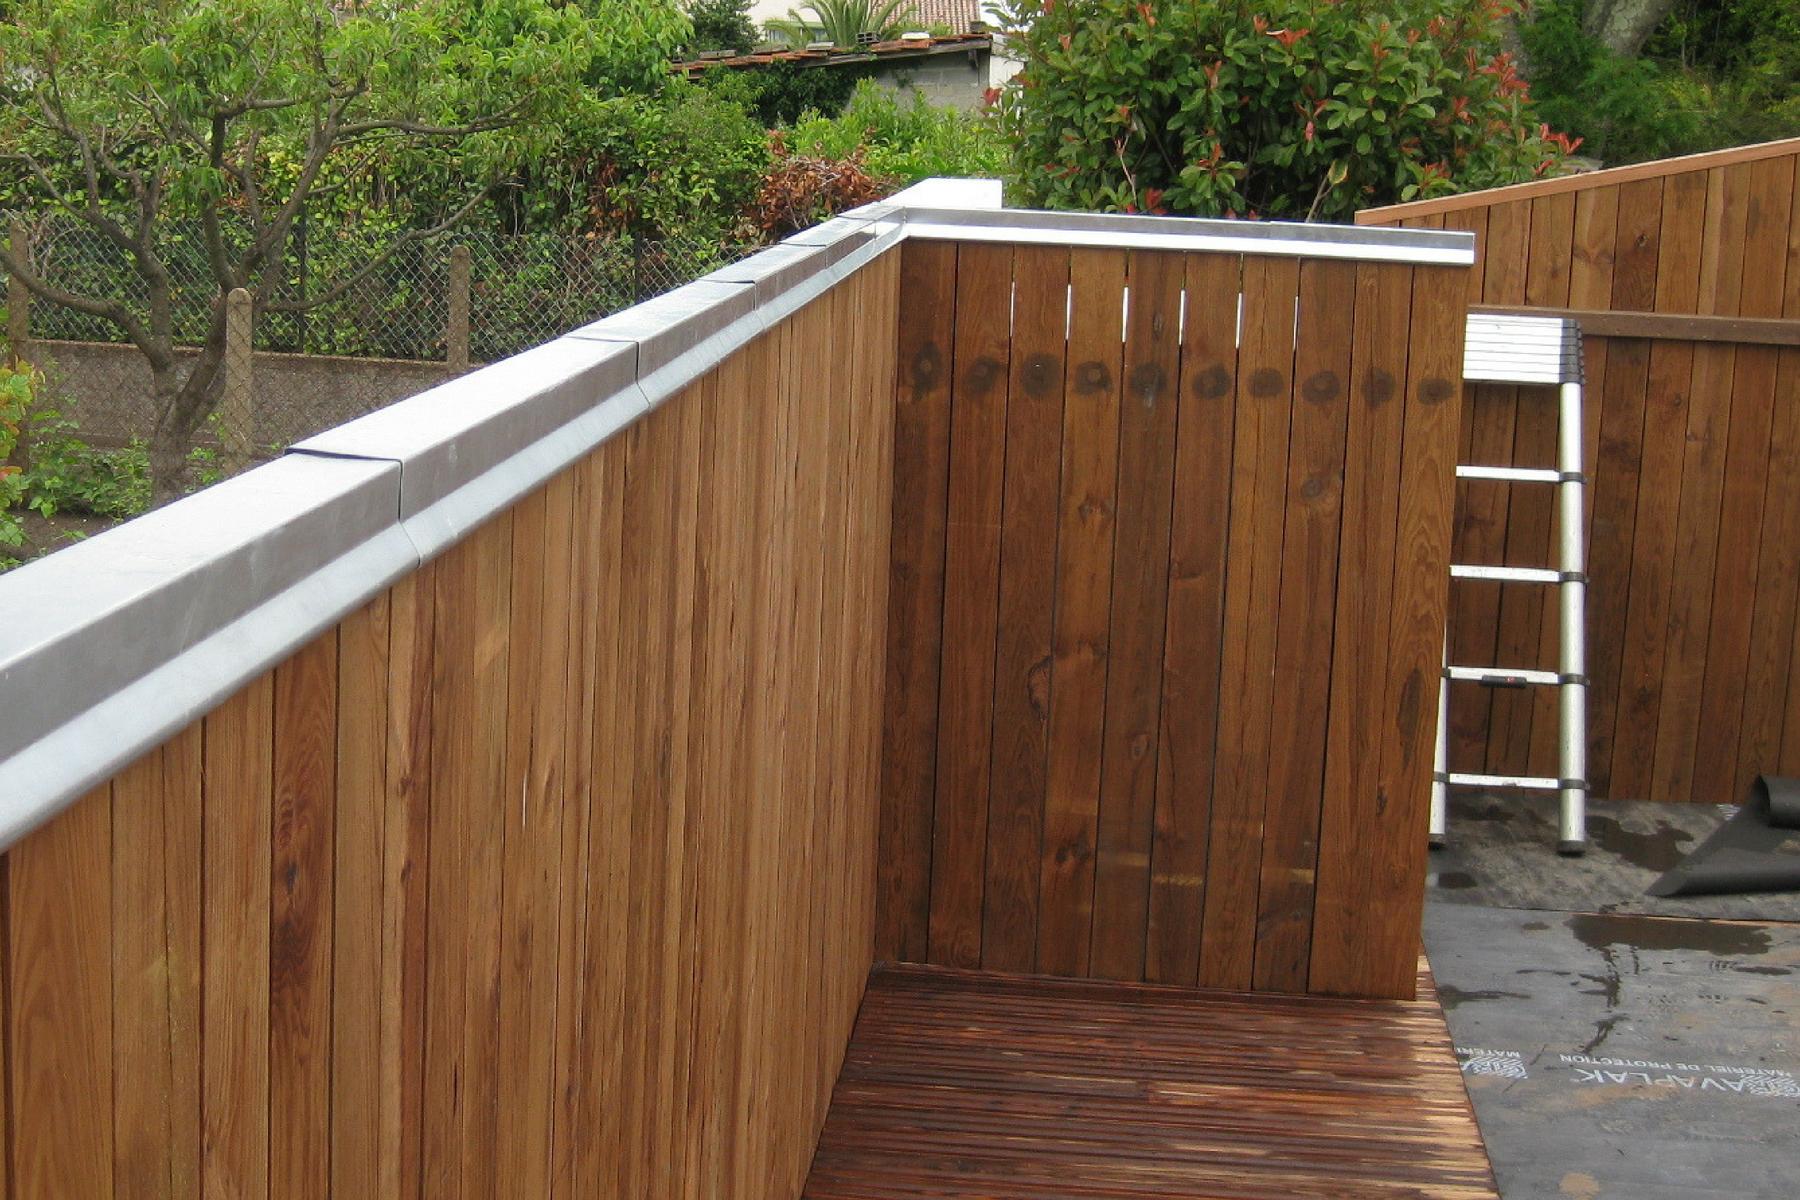 cr ation d 39 une terrasse et d 39 une palissade verticale darrieumerlou charpente couverture. Black Bedroom Furniture Sets. Home Design Ideas